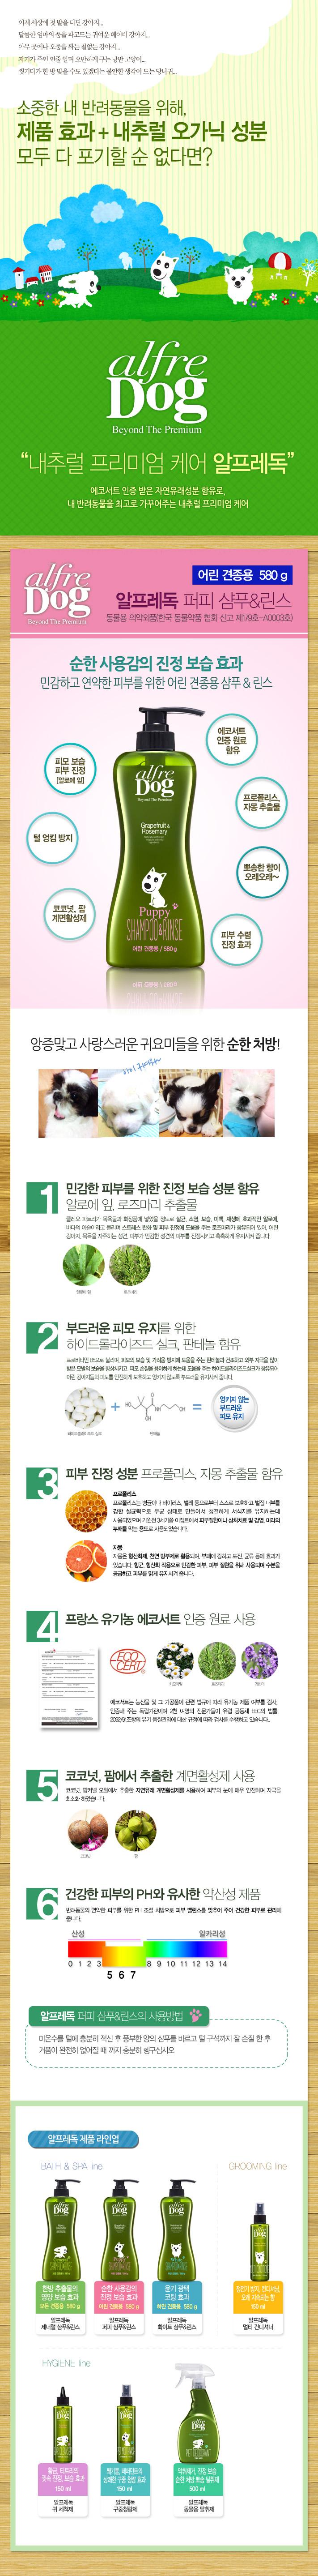 알프레독 퍼피 샴푸린스 580ml - 알프레독, 8,000원, 미용/목욕용품, 샴푸/린스